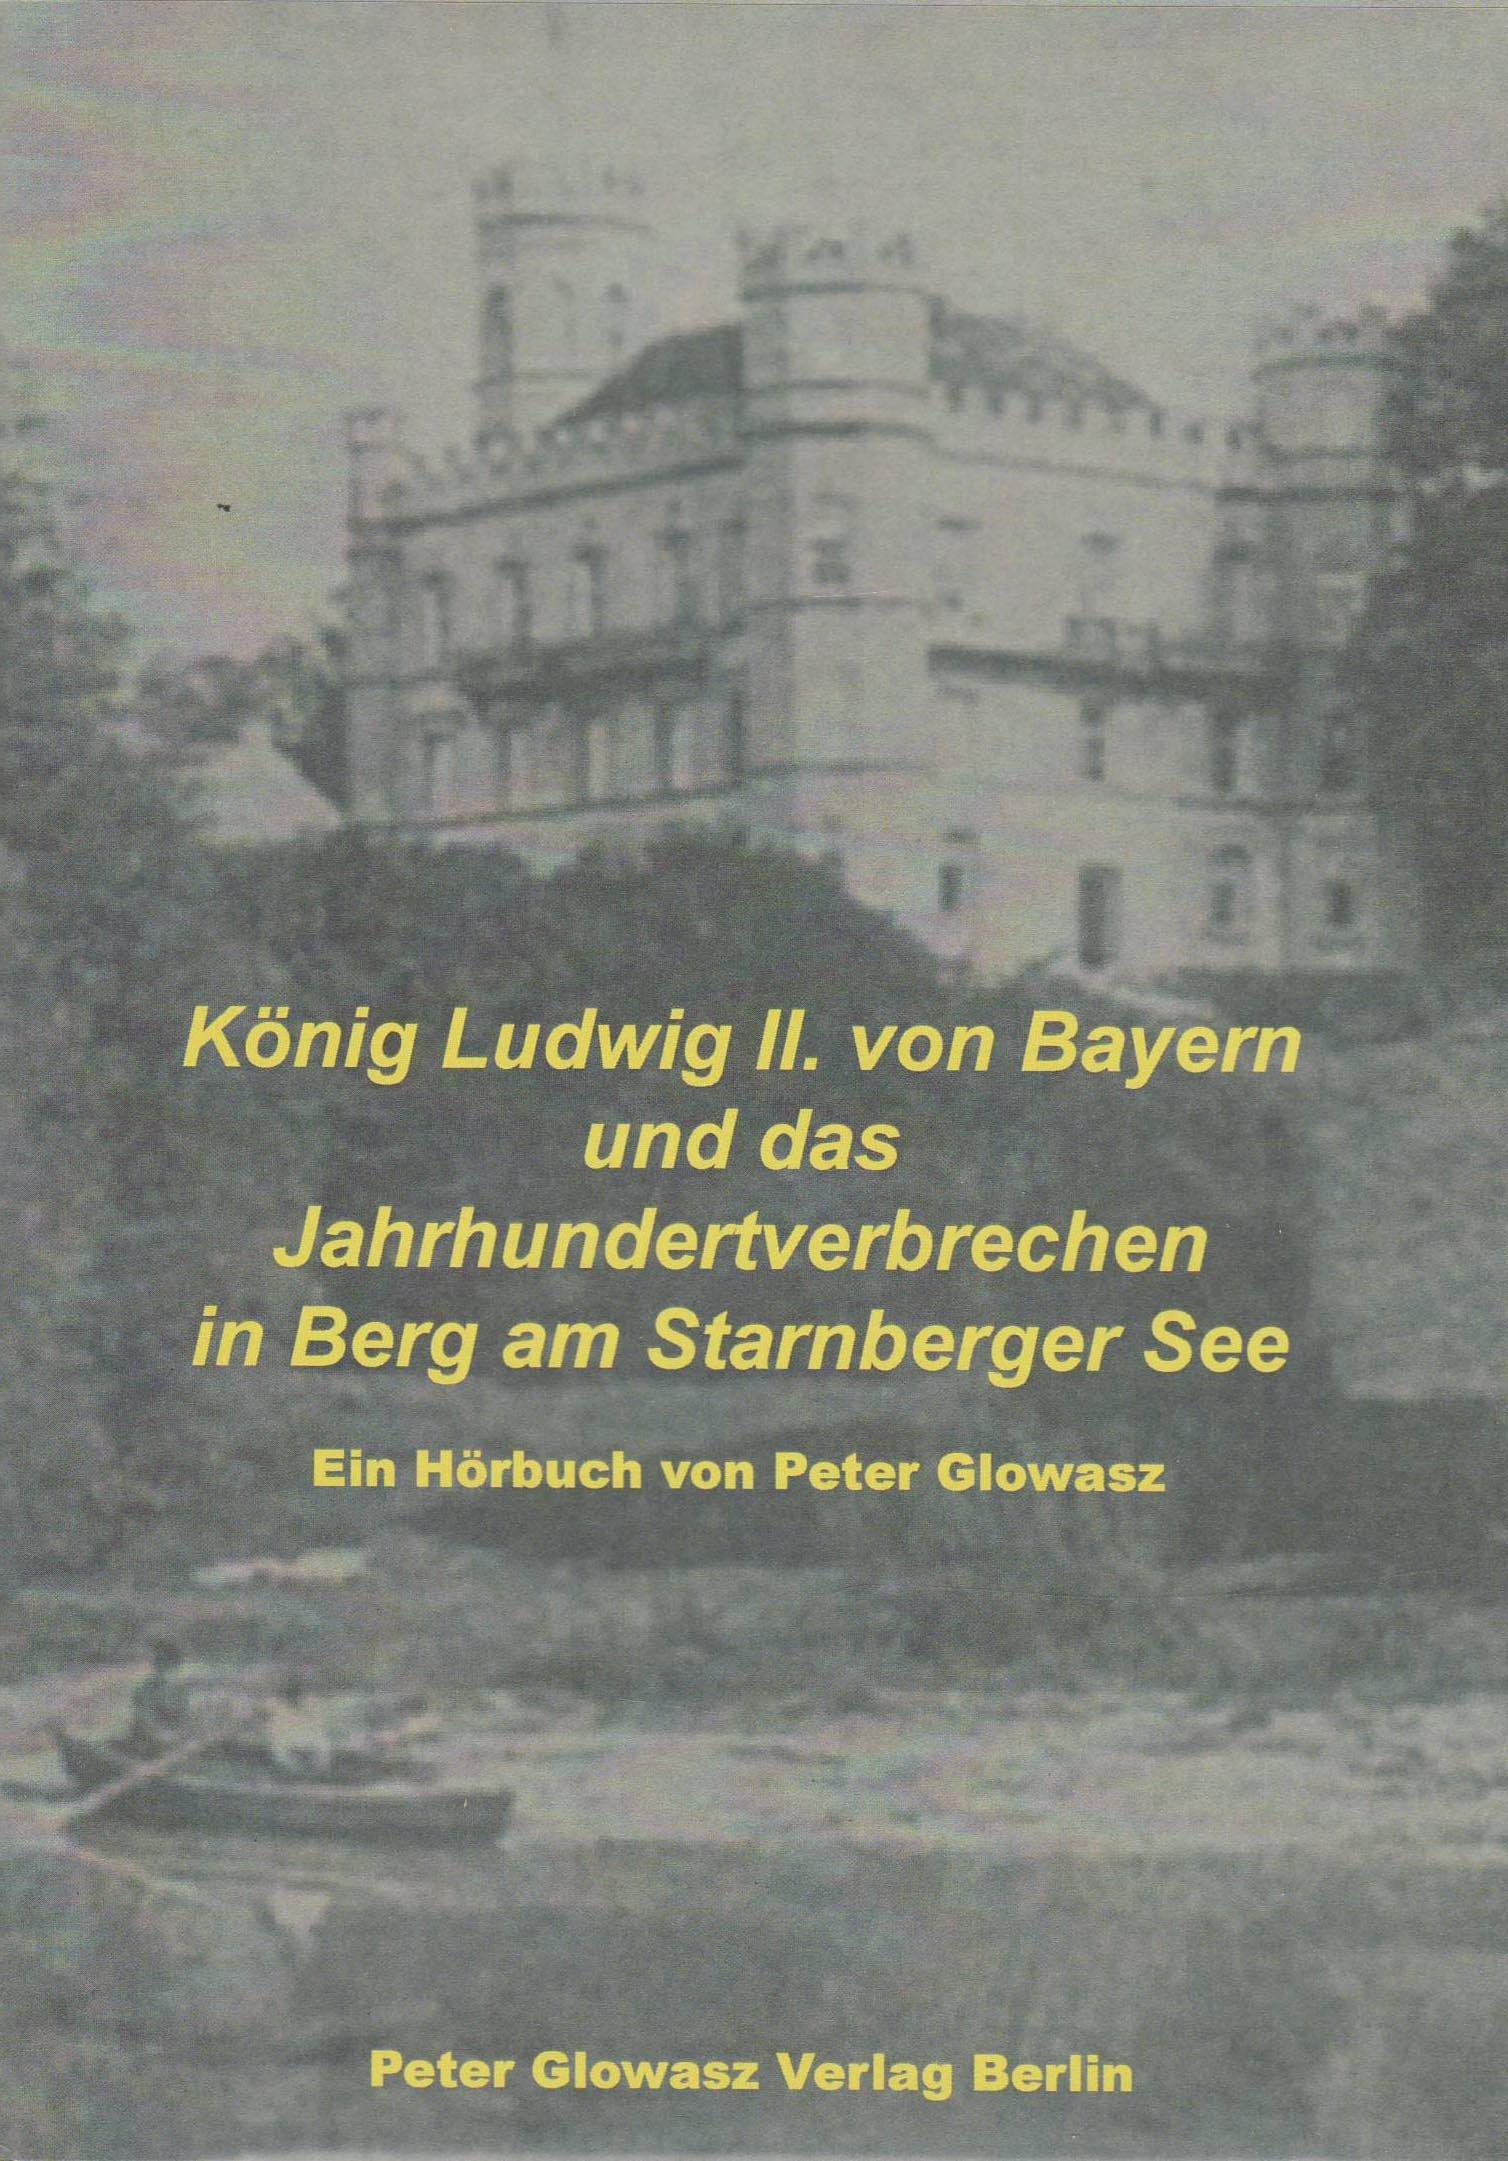 König Ludwig II von Bayern und das Jahrhundertverbrechen in Berg am Starnberger See: Hörbuchdokumentation zum 125. Todestag des Märchenkönigs